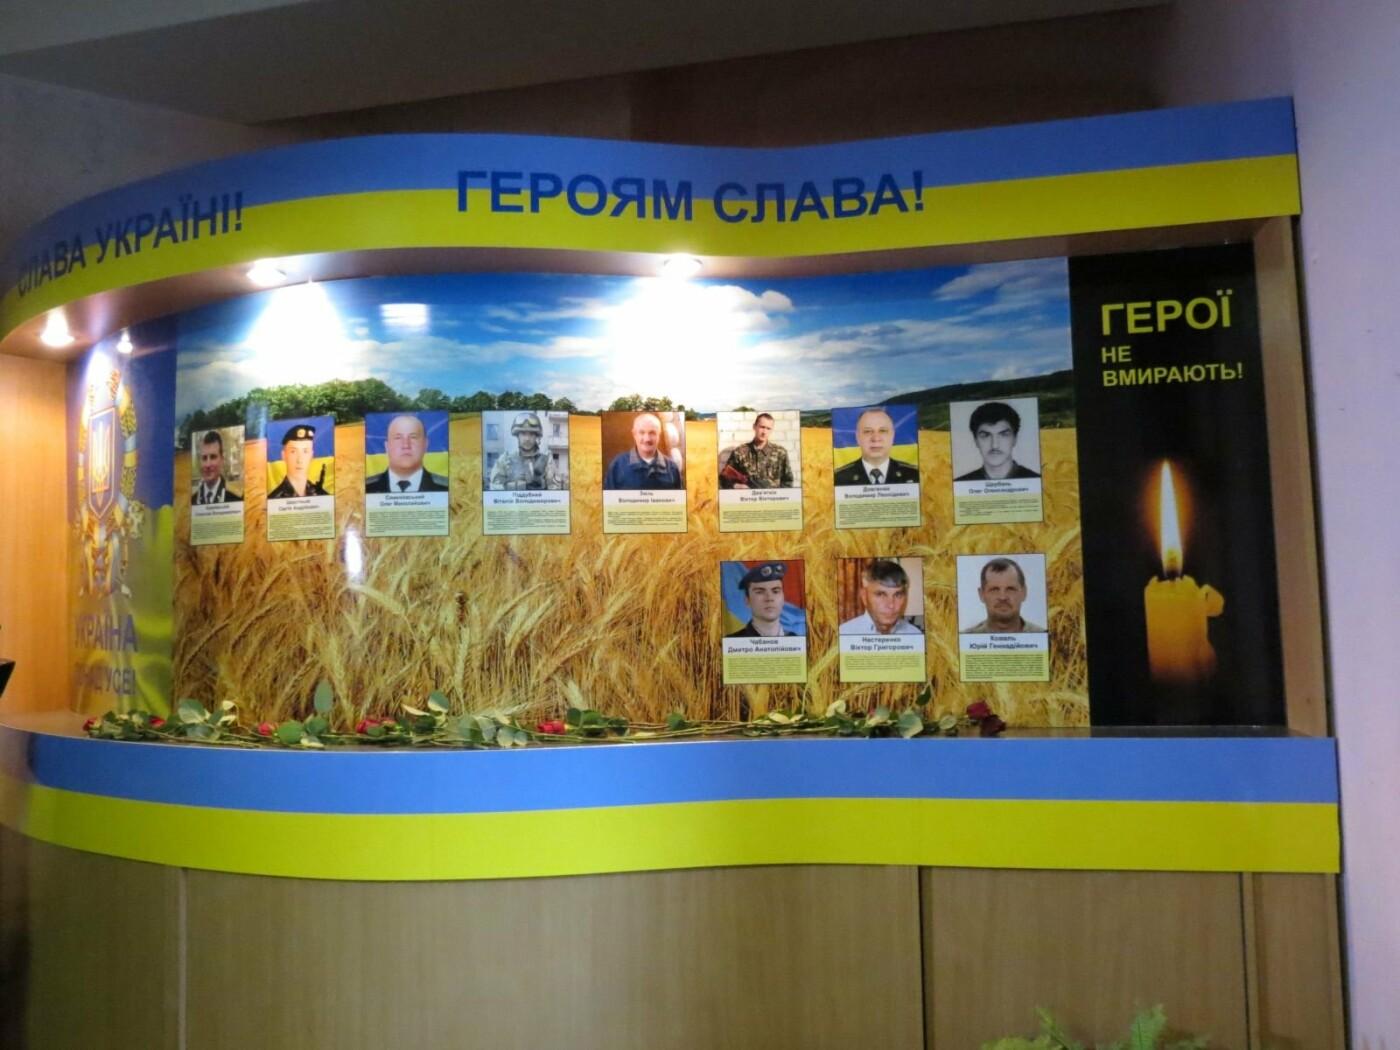 В Бердянске отметили 99 годовщину Акта объединения Украины (ФОТО), фото-9